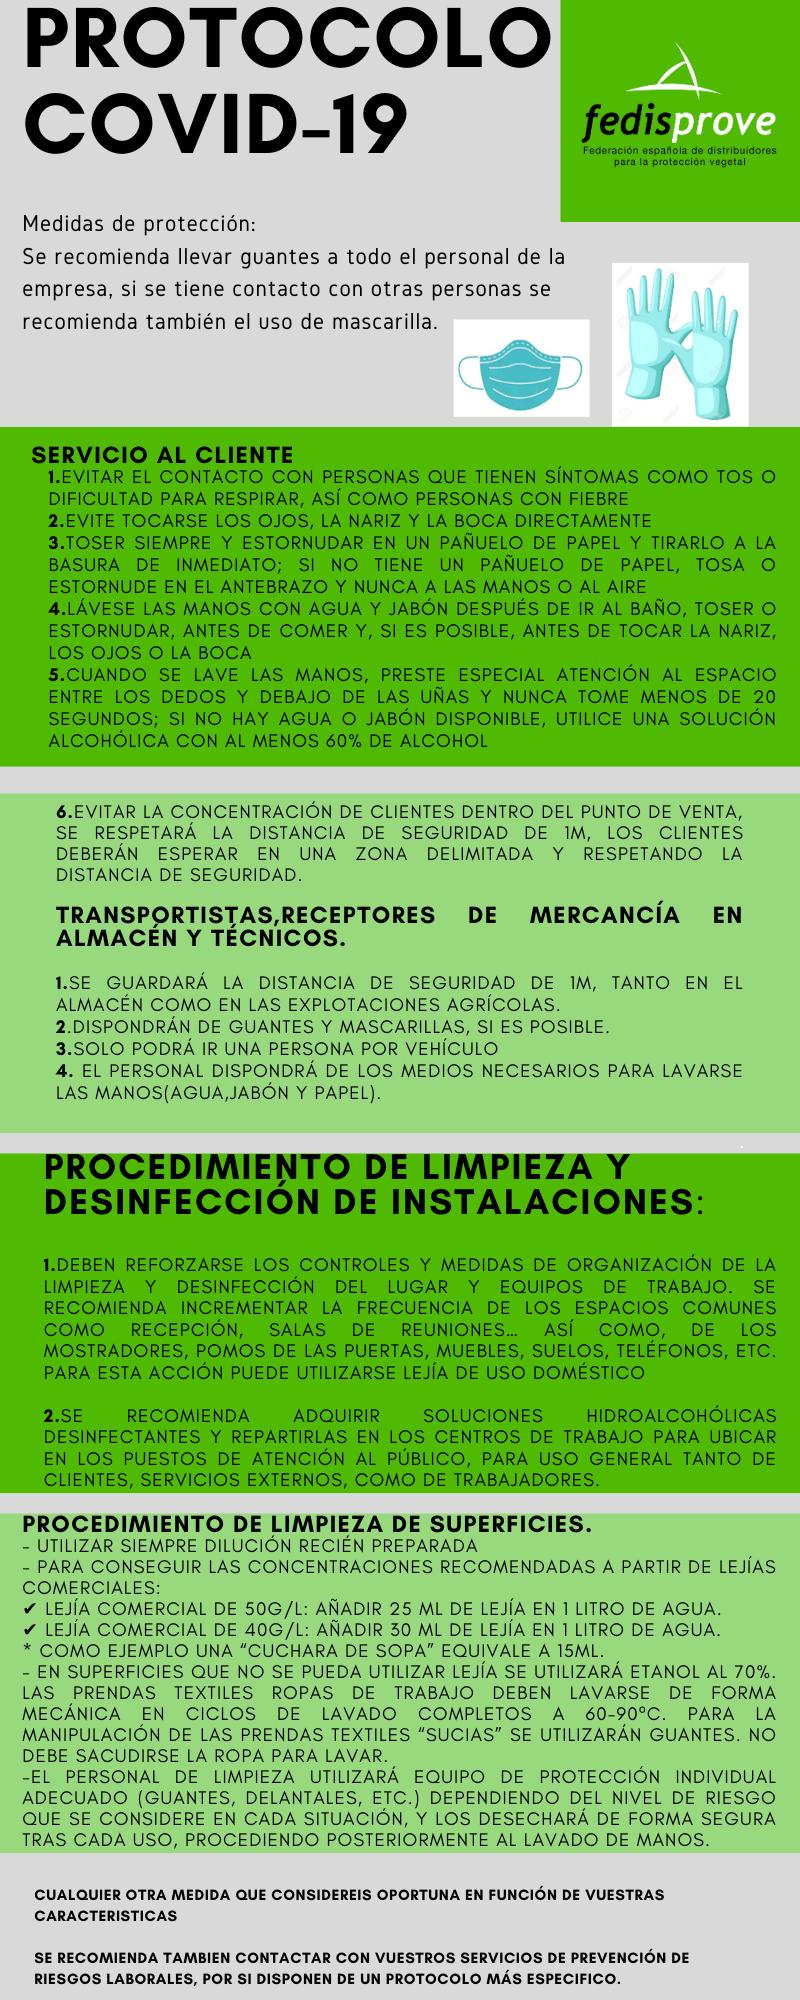 MEDIDAS DE PROTECCIÓN COVID-19